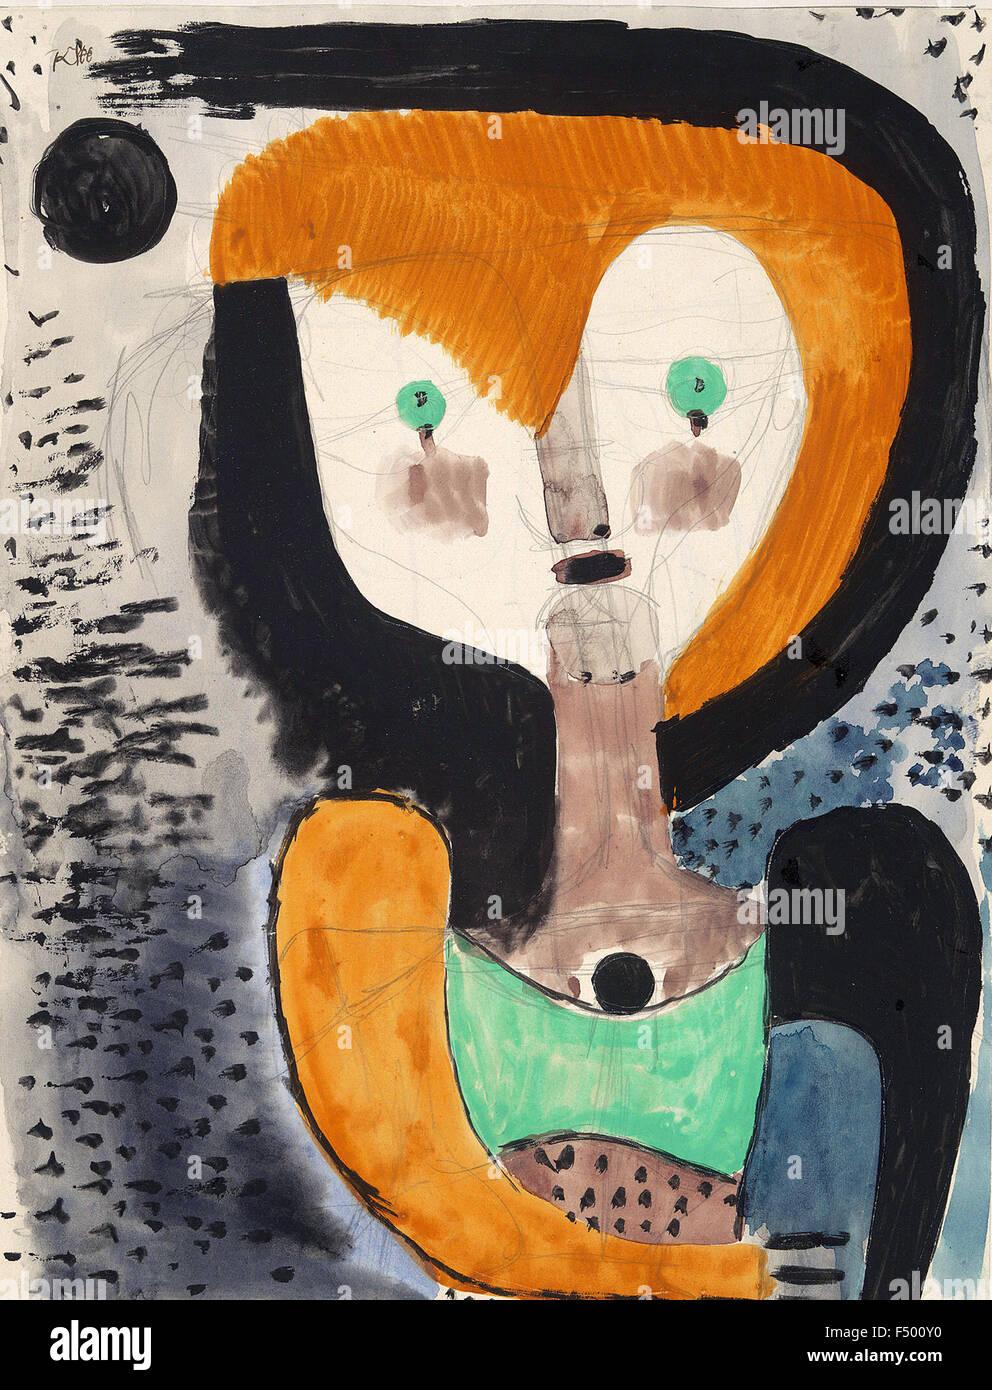 Paul Klee - Aquarelleskizze zu 'MA' (disegno ad acquerello per 'M. A.') Immagini Stock